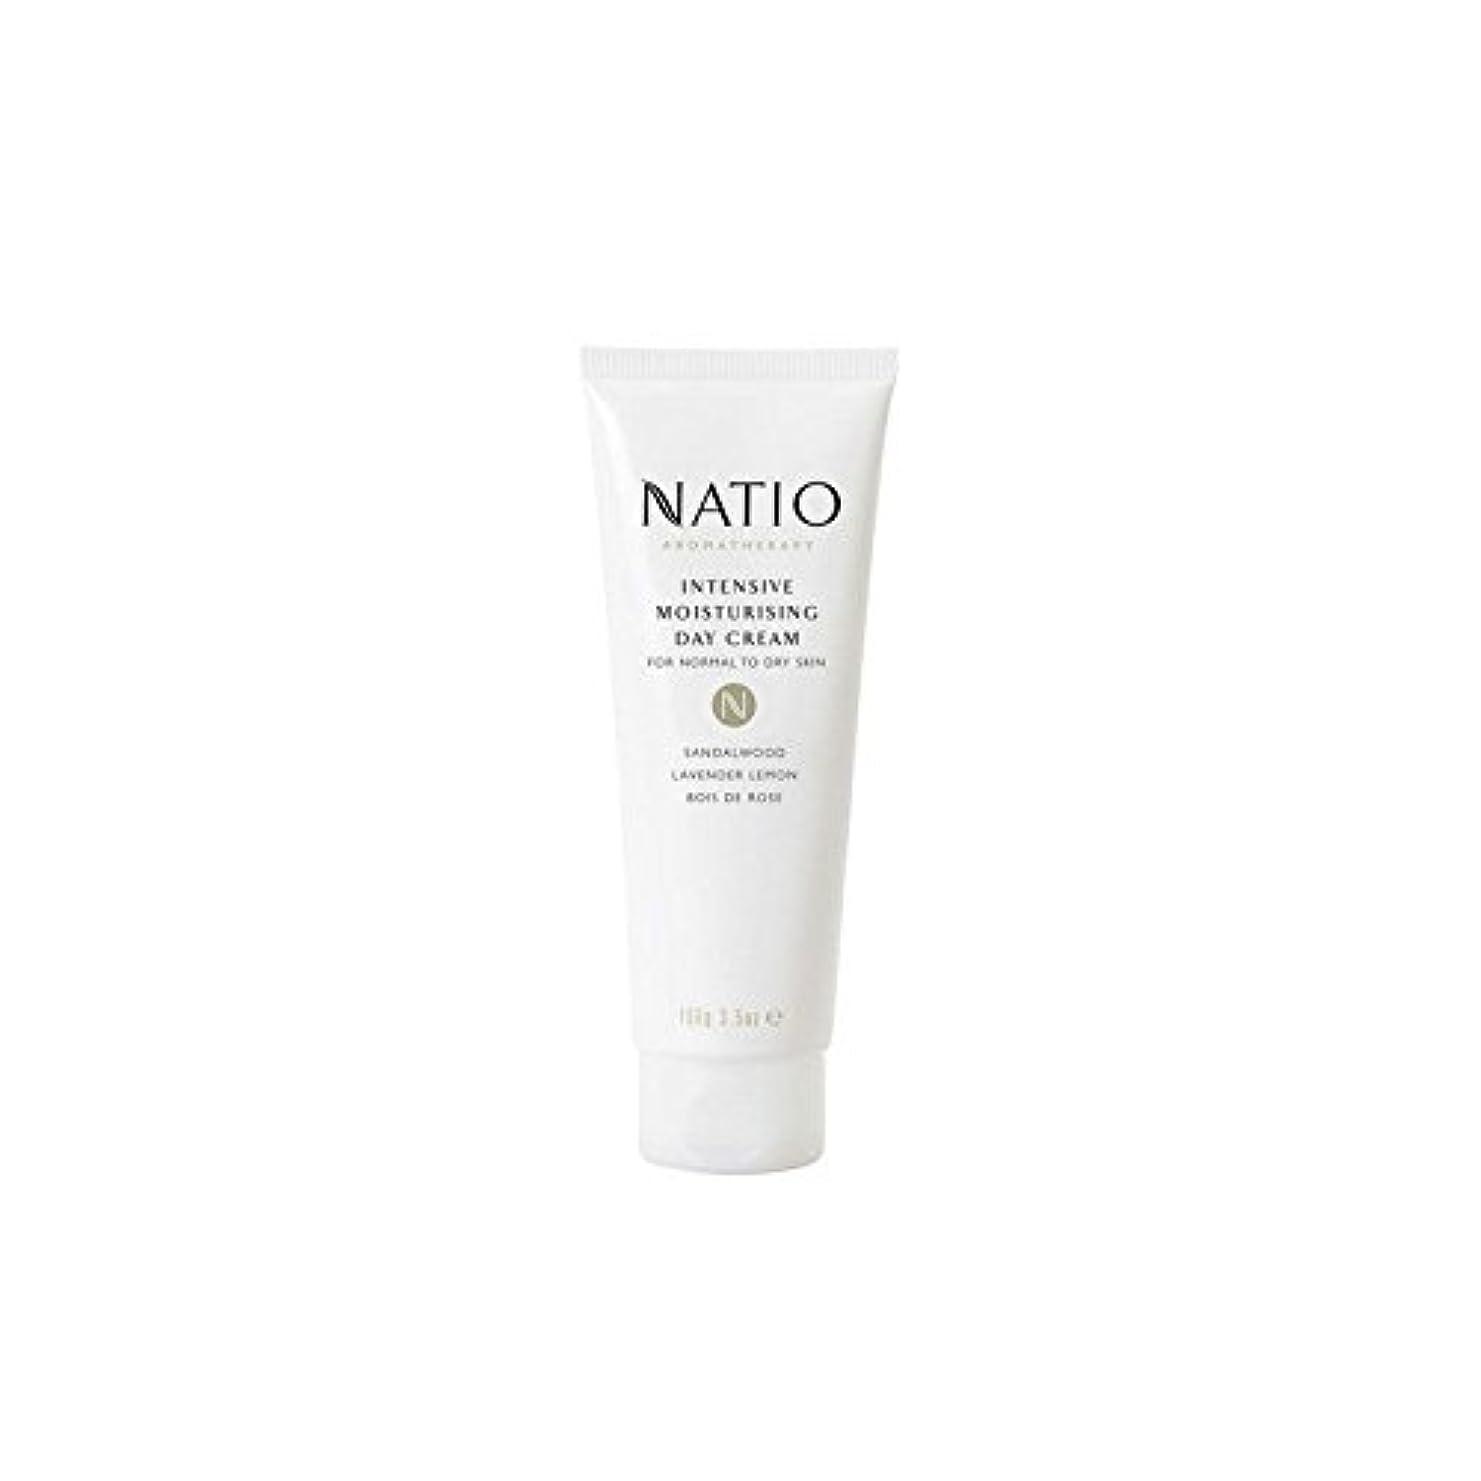 屋内でささやきうま集中的な保湿デイクリーム(100グラム) x4 - Natio Intensive Moisturising Day Cream (100G) (Pack of 4) [並行輸入品]